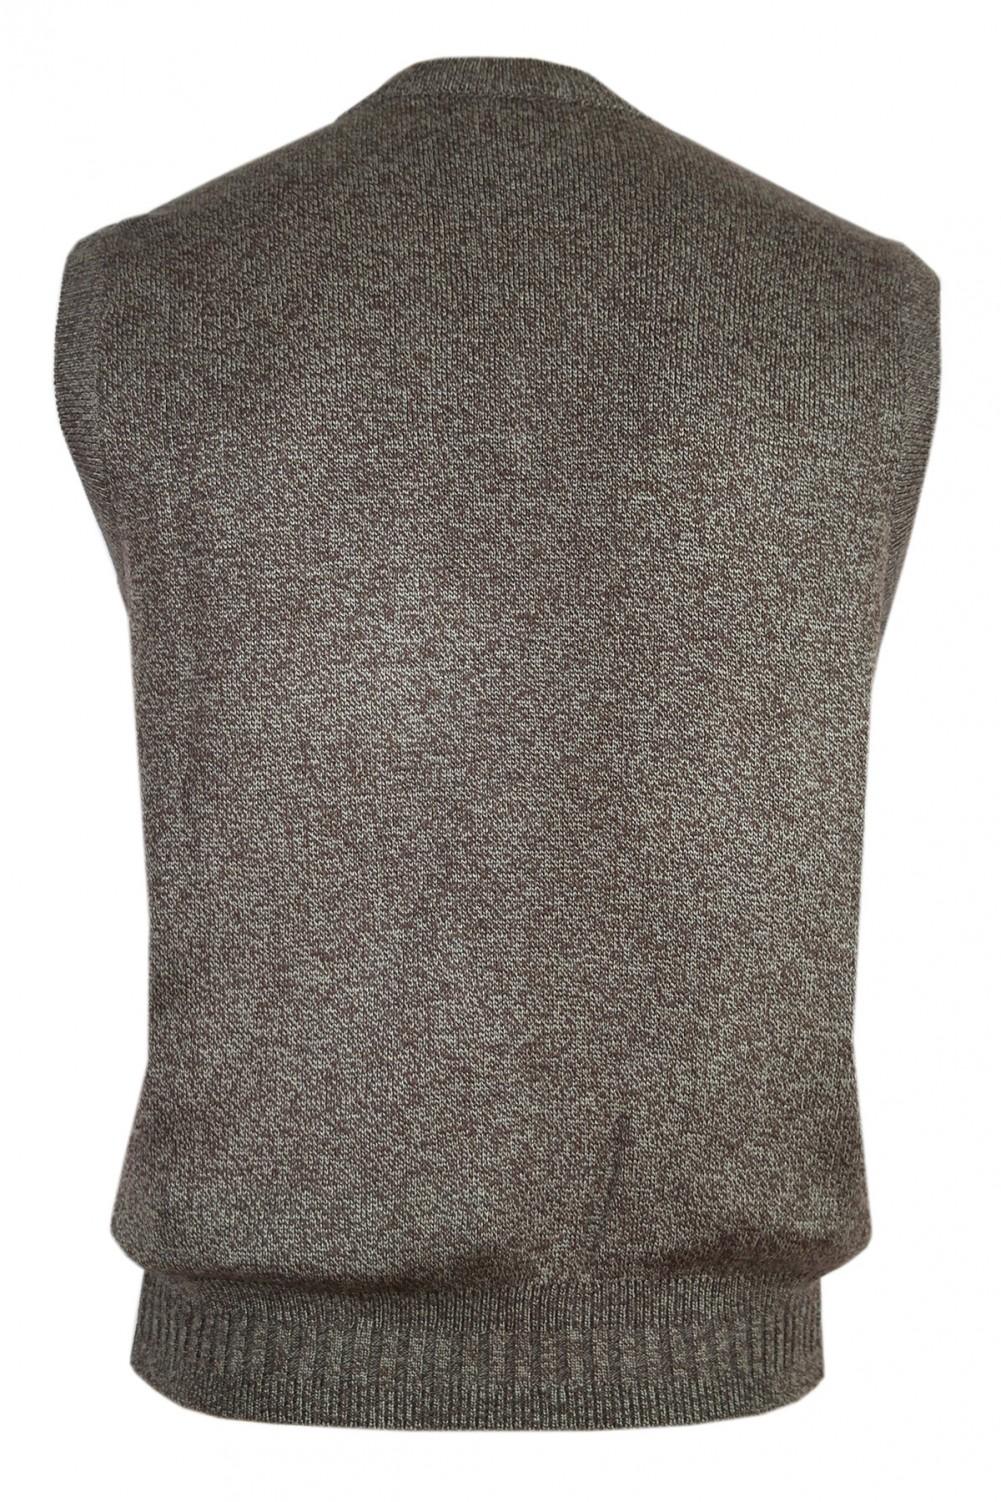 Herren Pullunder, Pullover ohne Ärmel - Braun/Hinteransicht